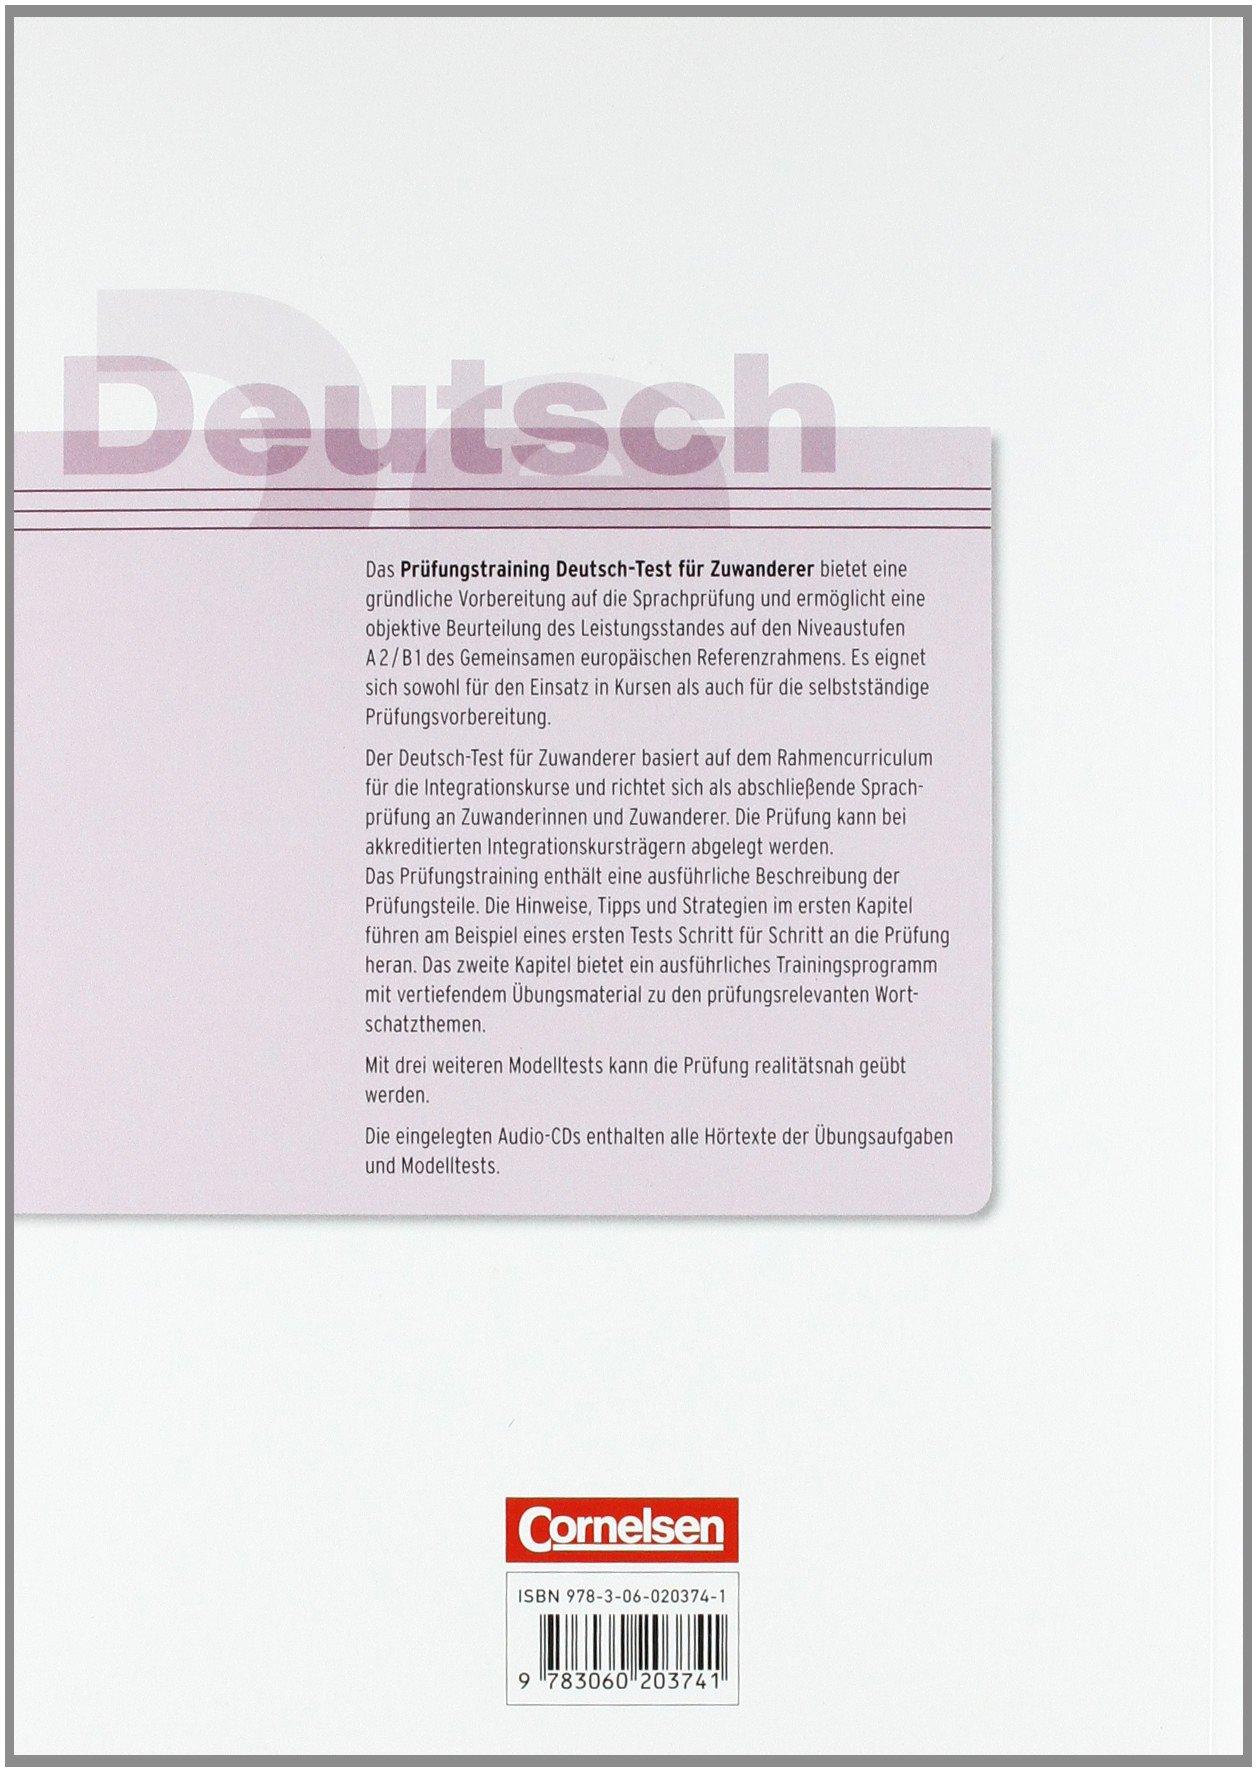 buy prufungstraining daf deutsch test fur zuwanderer ubungsbuch mit cd a2 book online at low prices in india prufungstraining daf deutsch test fur - B1 Prufung Muster